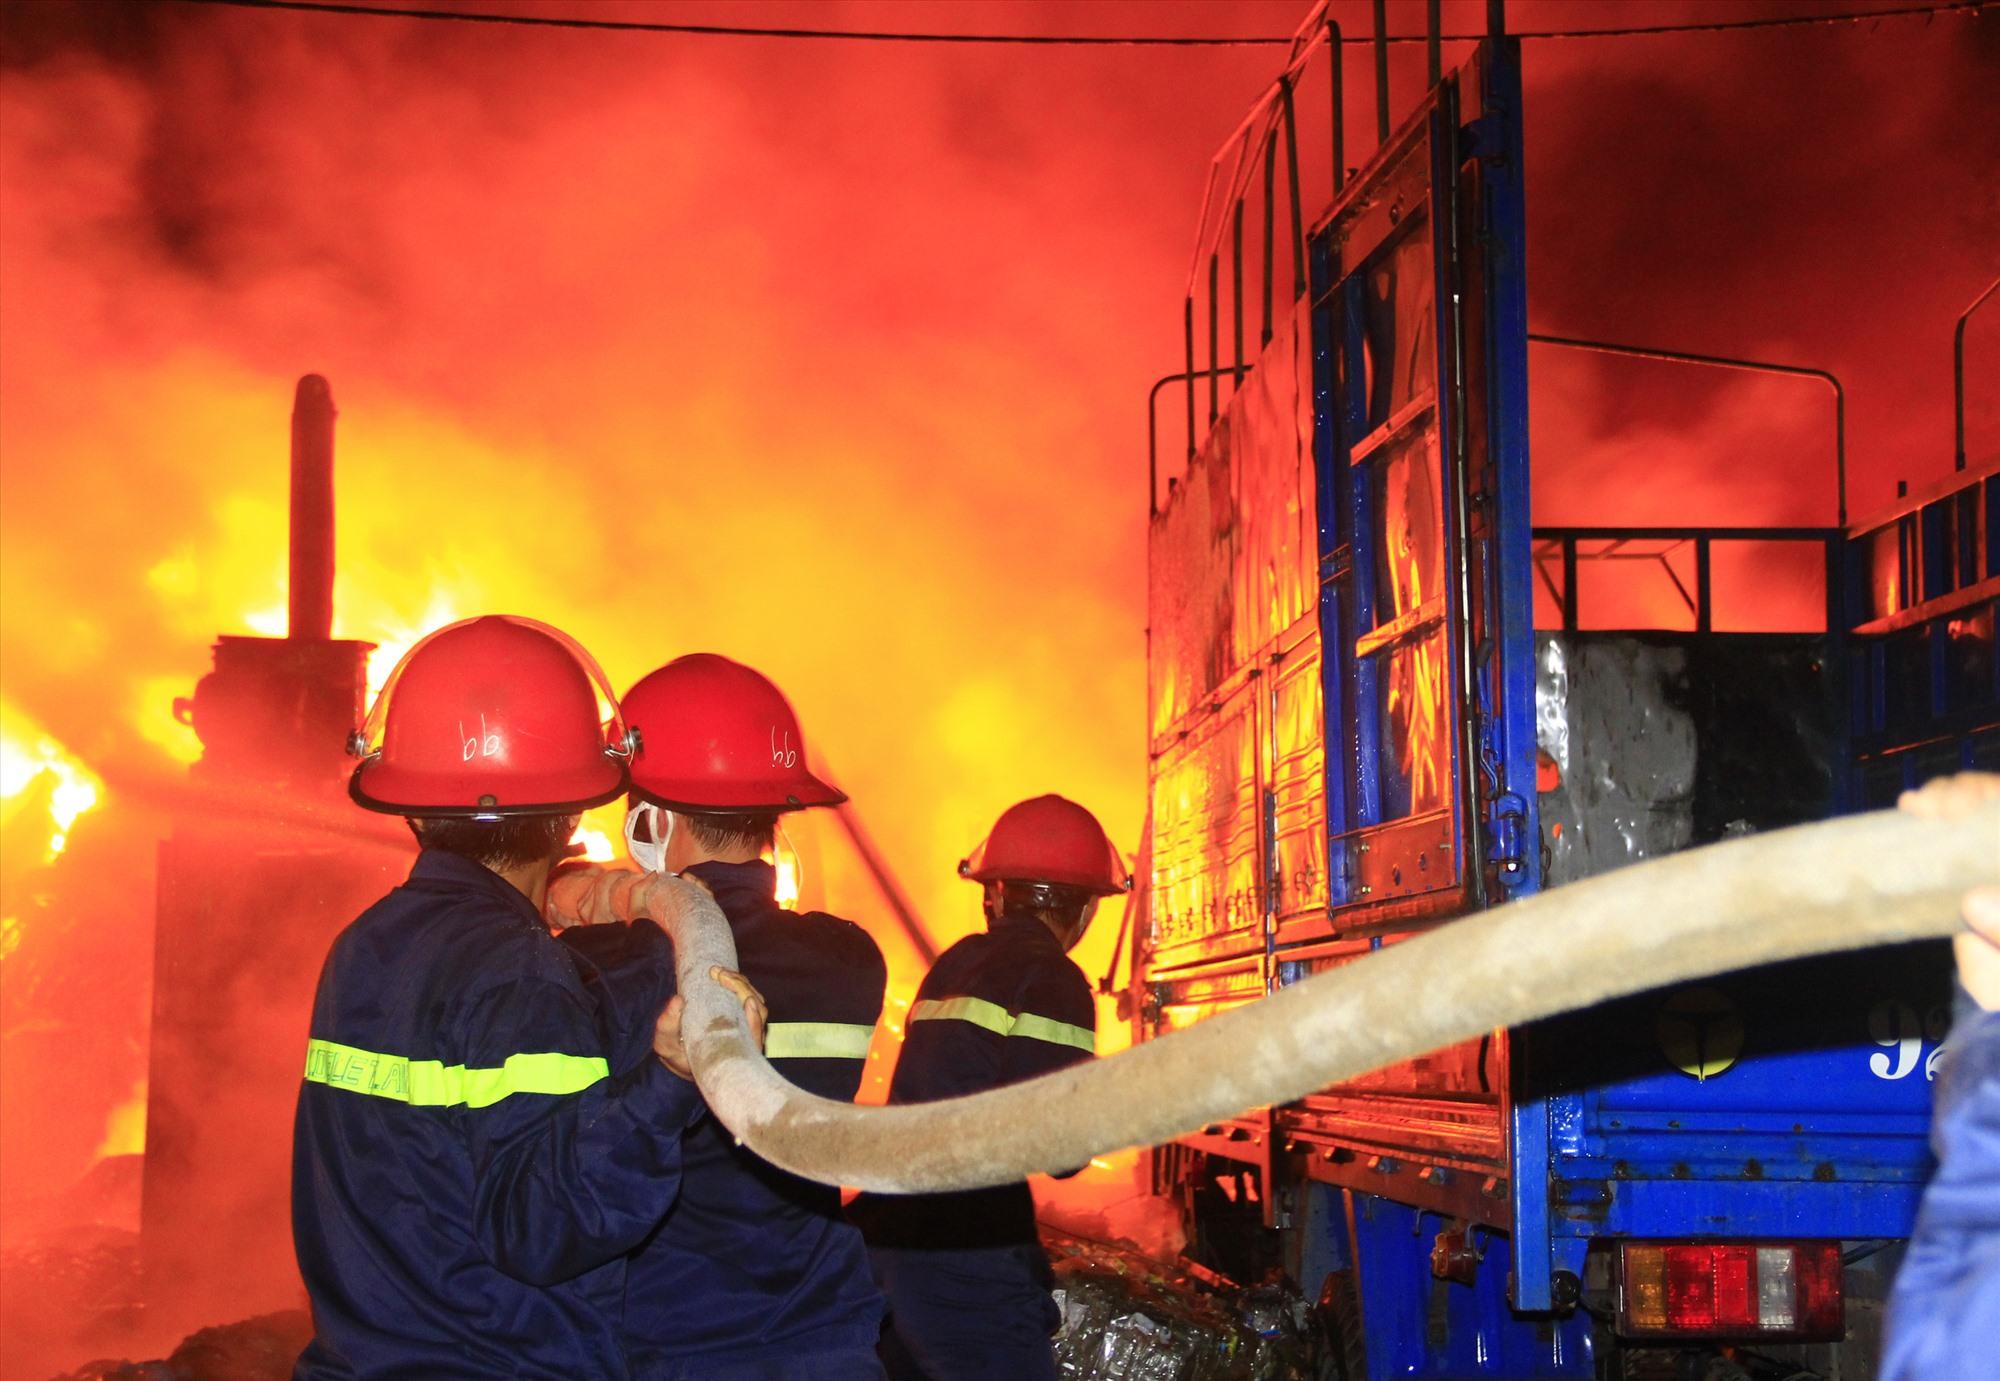 Đối đầu với nhiều hiểm nguy, song lực lượng phòng cháy chữa cháy luôn nỗ lực hết mình vì nhiệm vụ. Ảnh:T.C